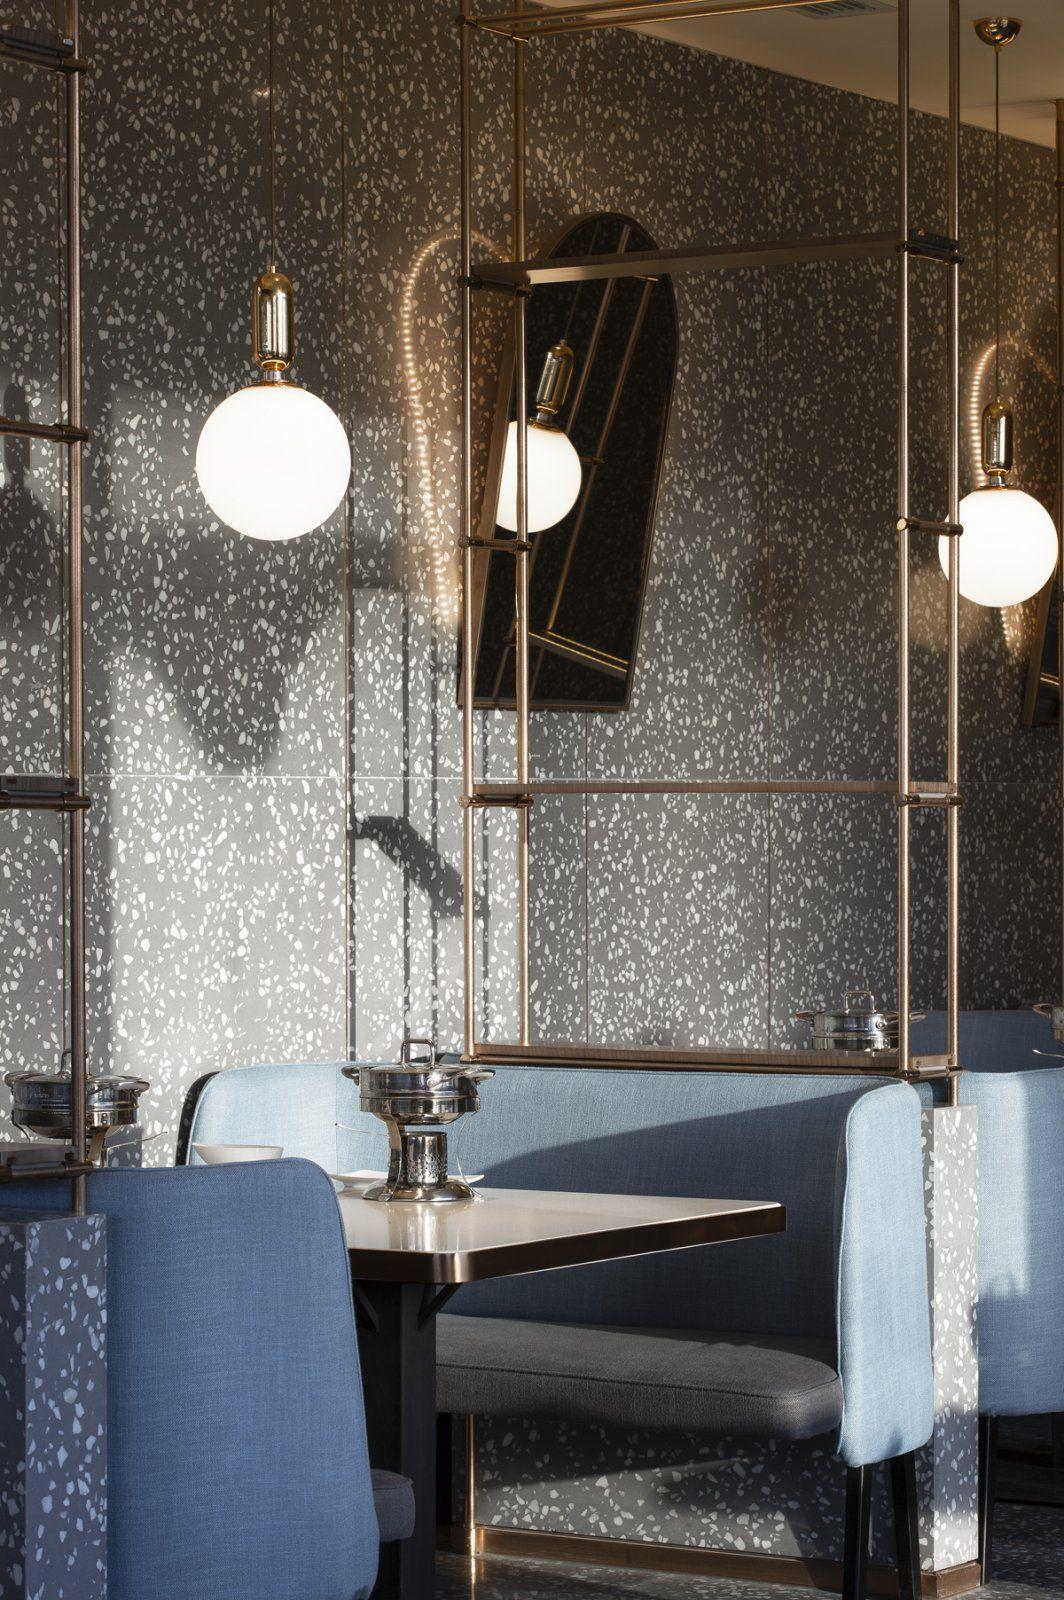 西安鼎鼎香餐饮空间设计   森艺德室内设计事务所